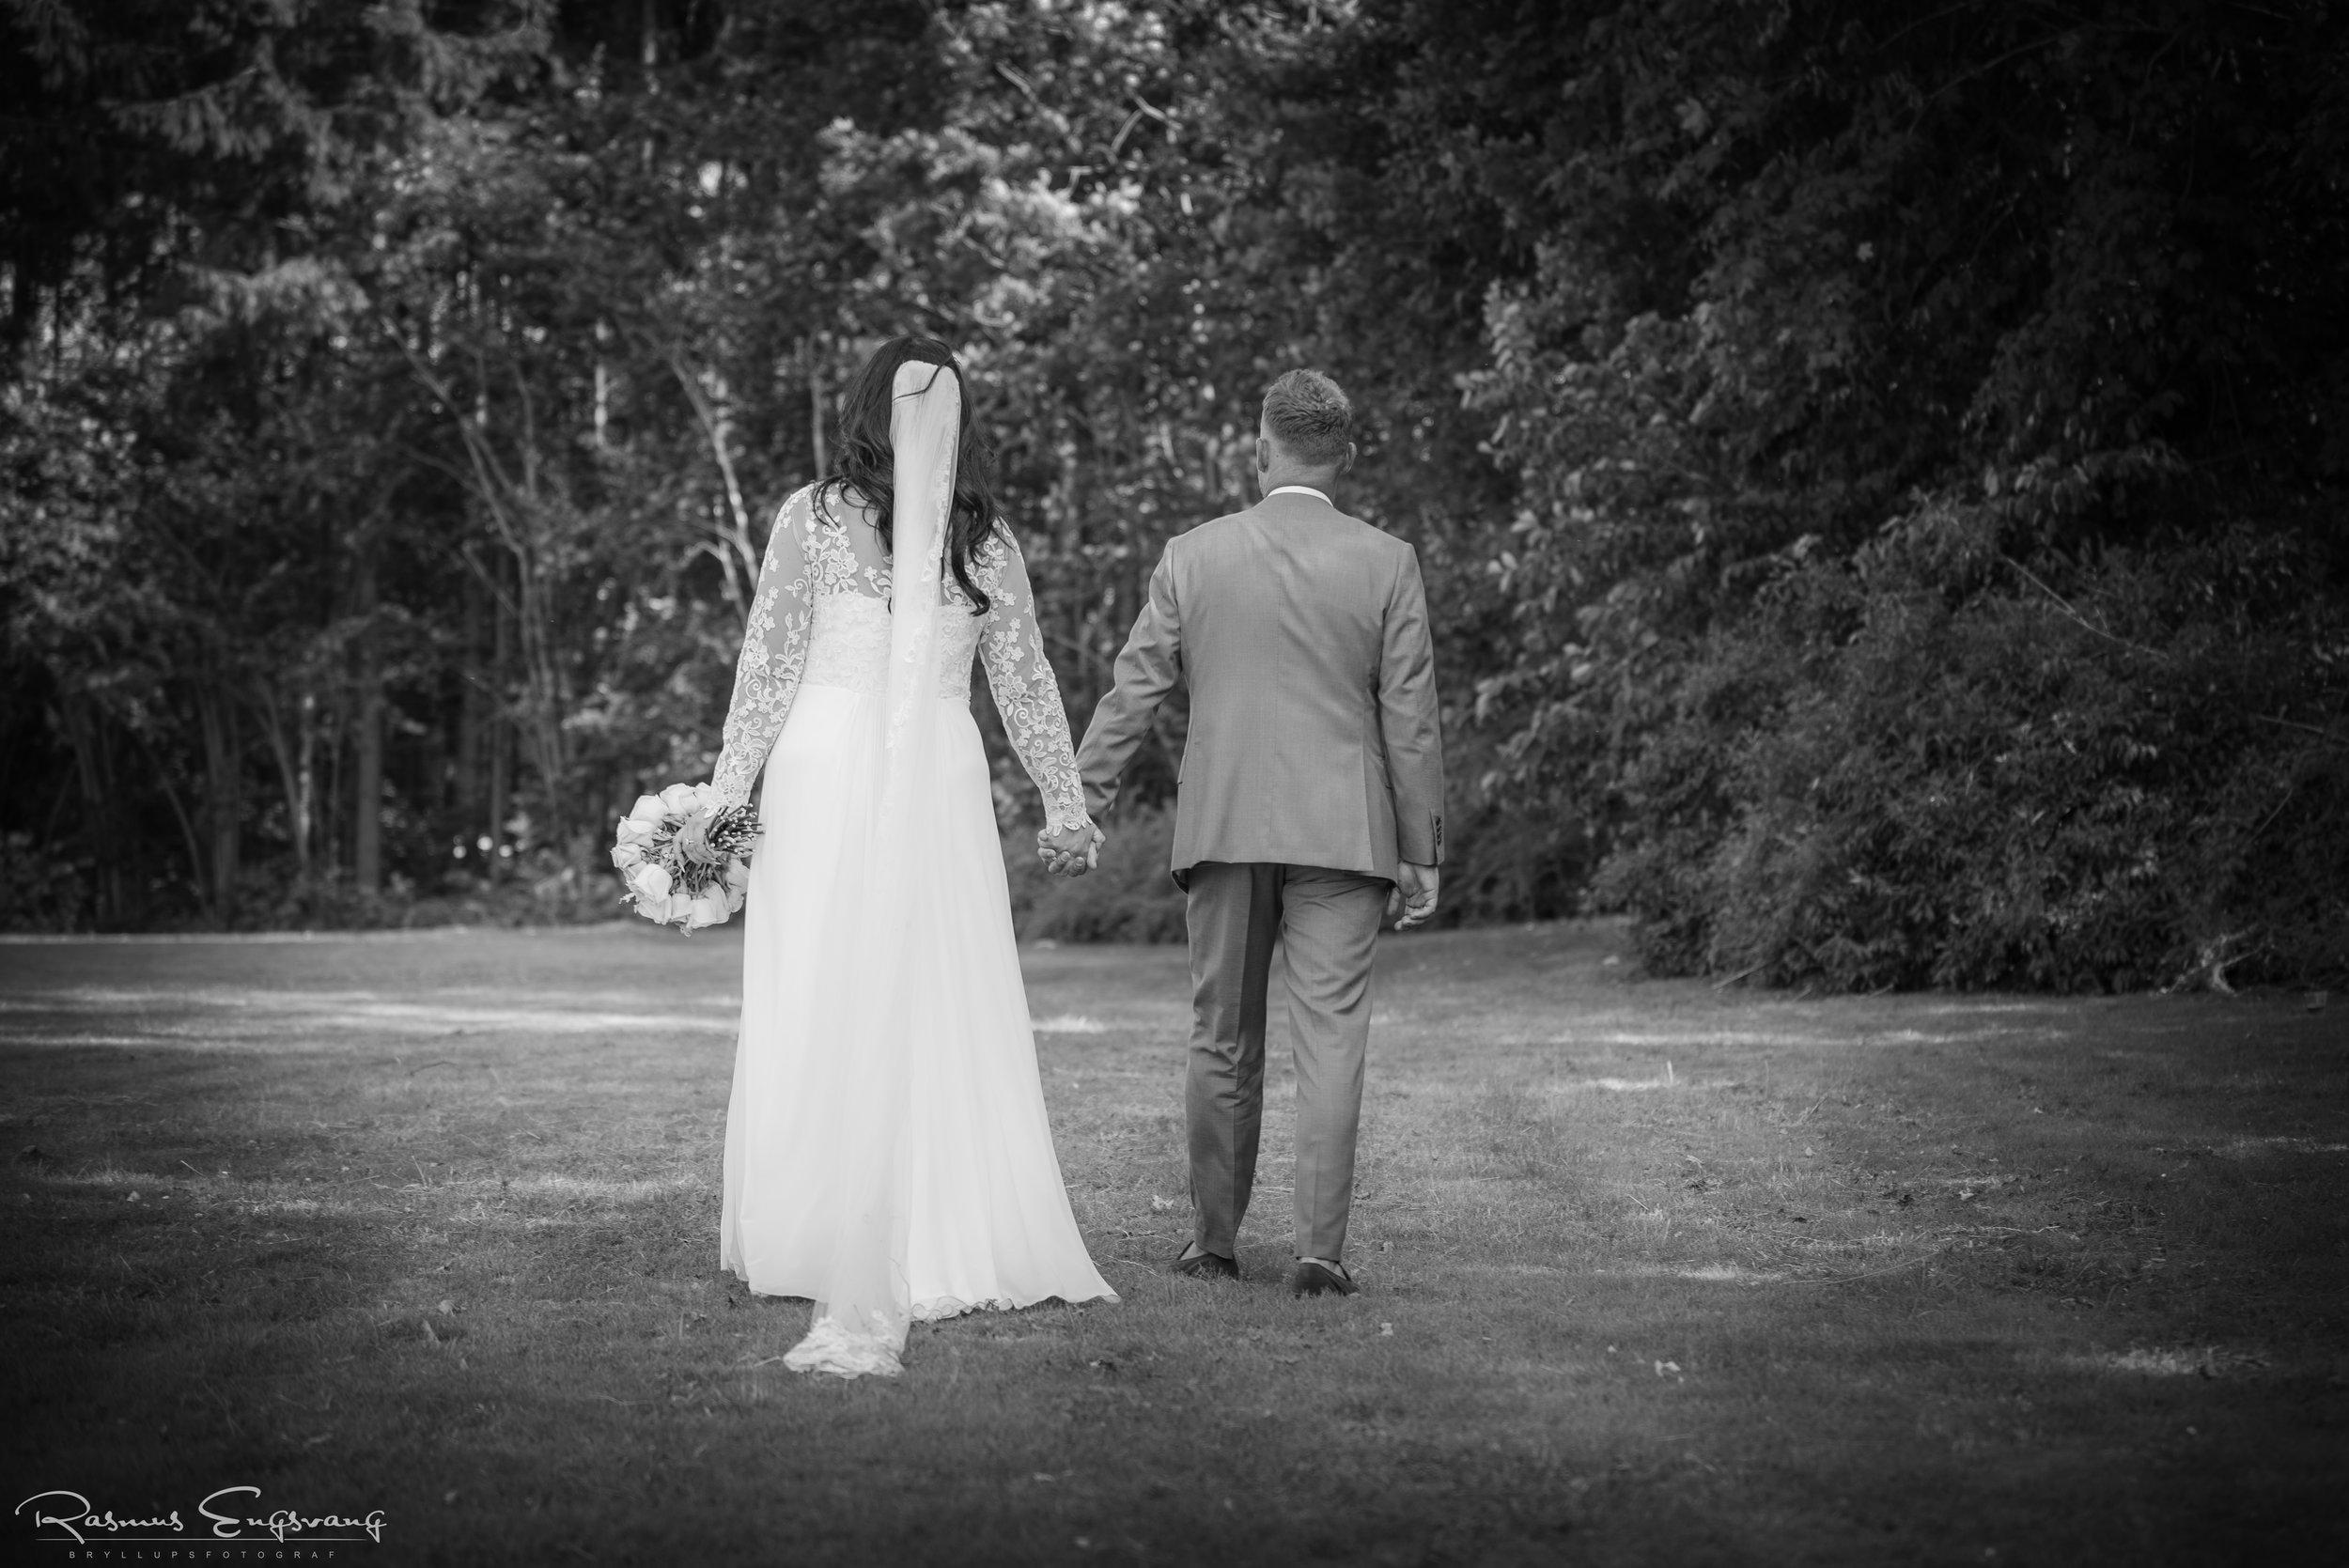 Roskilde_fotograf_til_bryllup-206.jpg